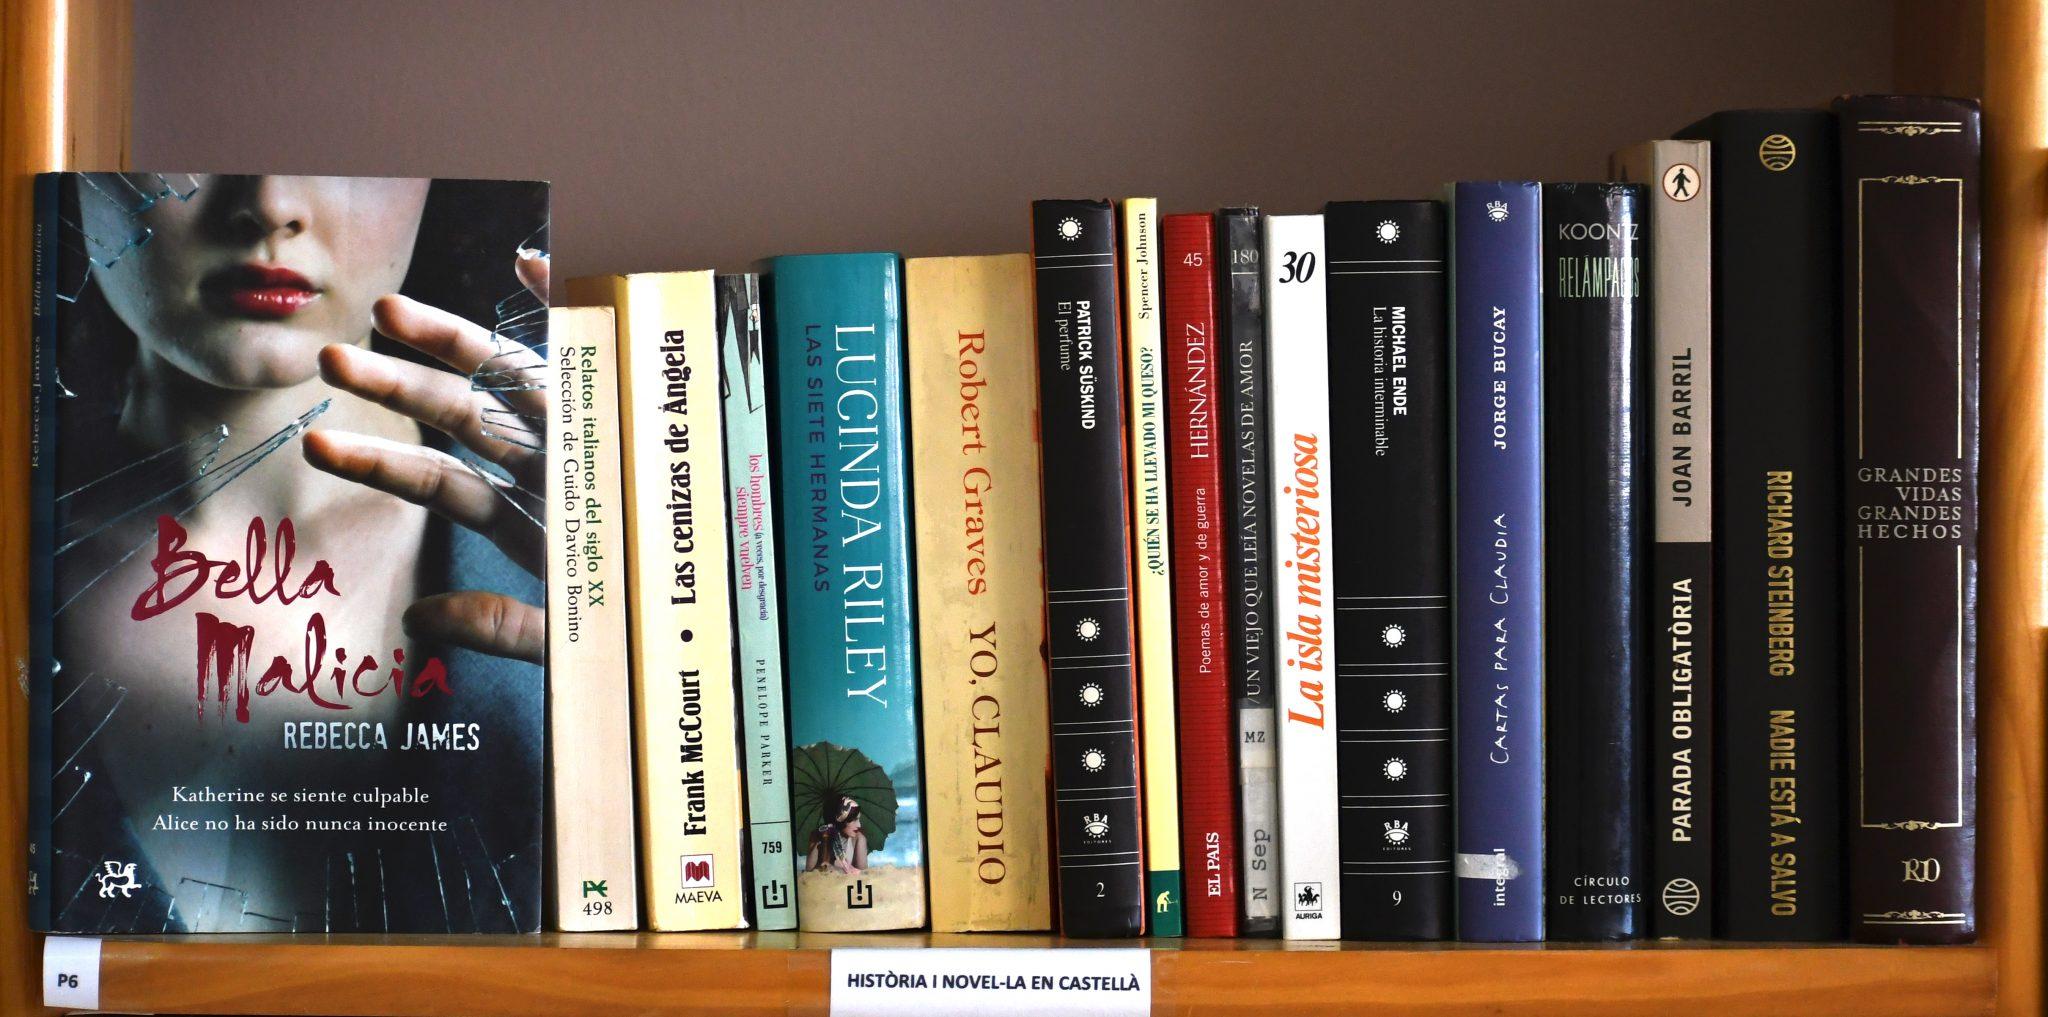 Història i novel·la en castellà